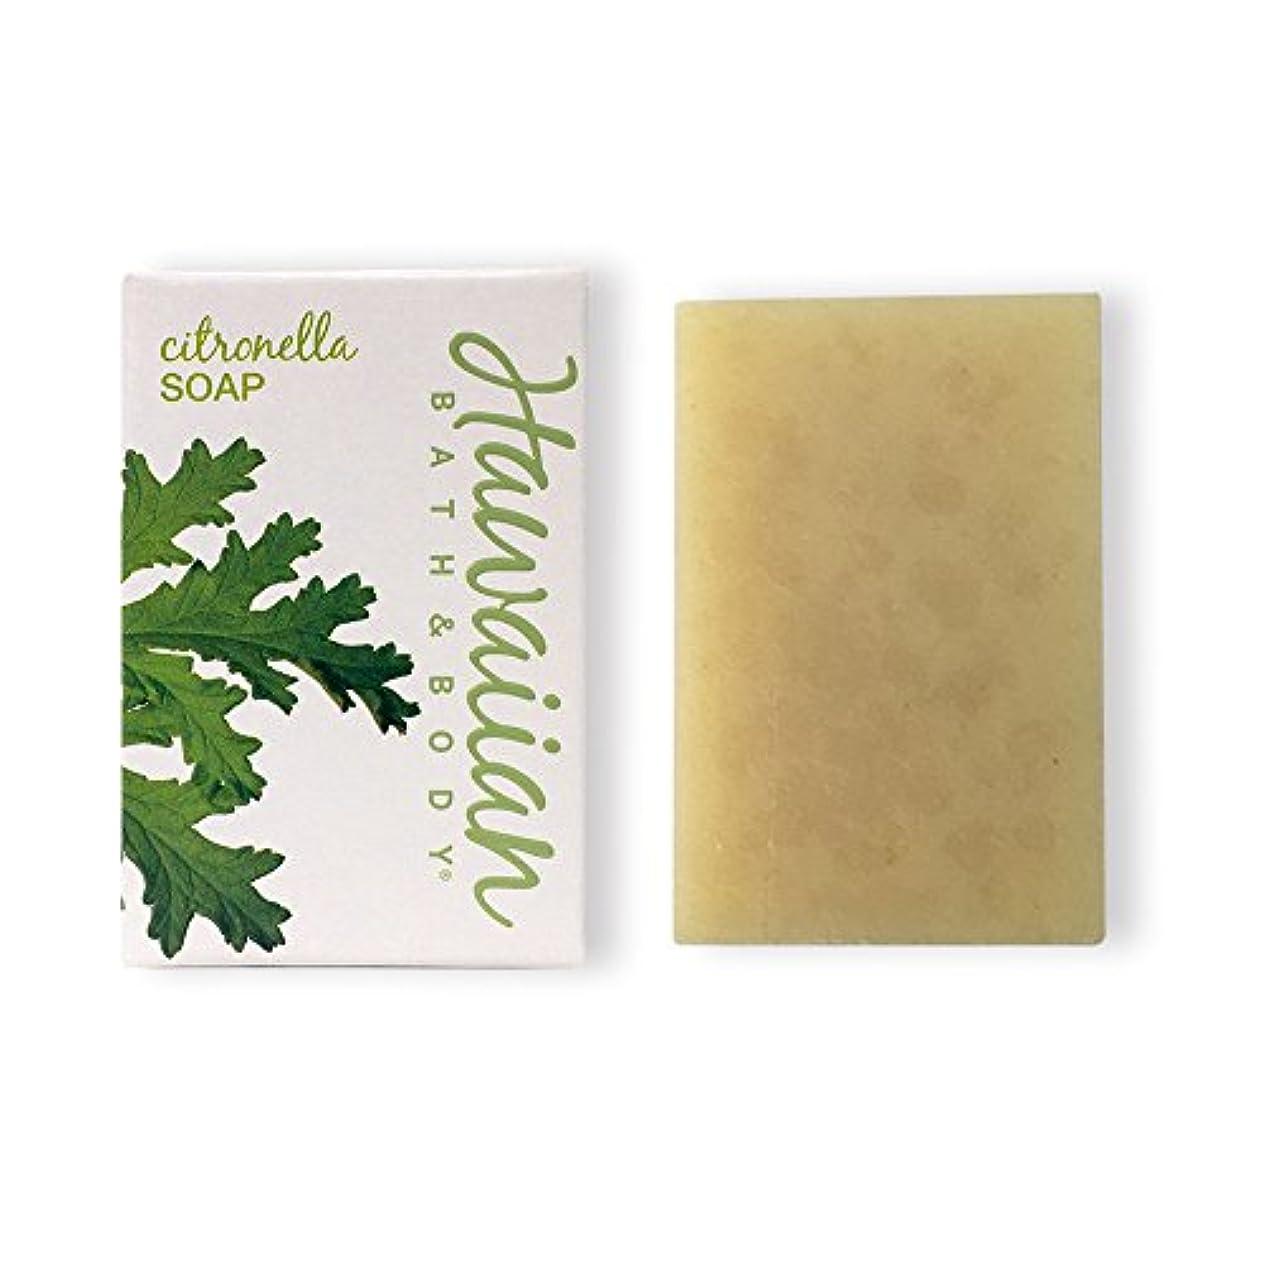 枯渇援助音節ハワイアンバス&ボディ シトロネラソープ(ビーチバー)( Citronella Soap )